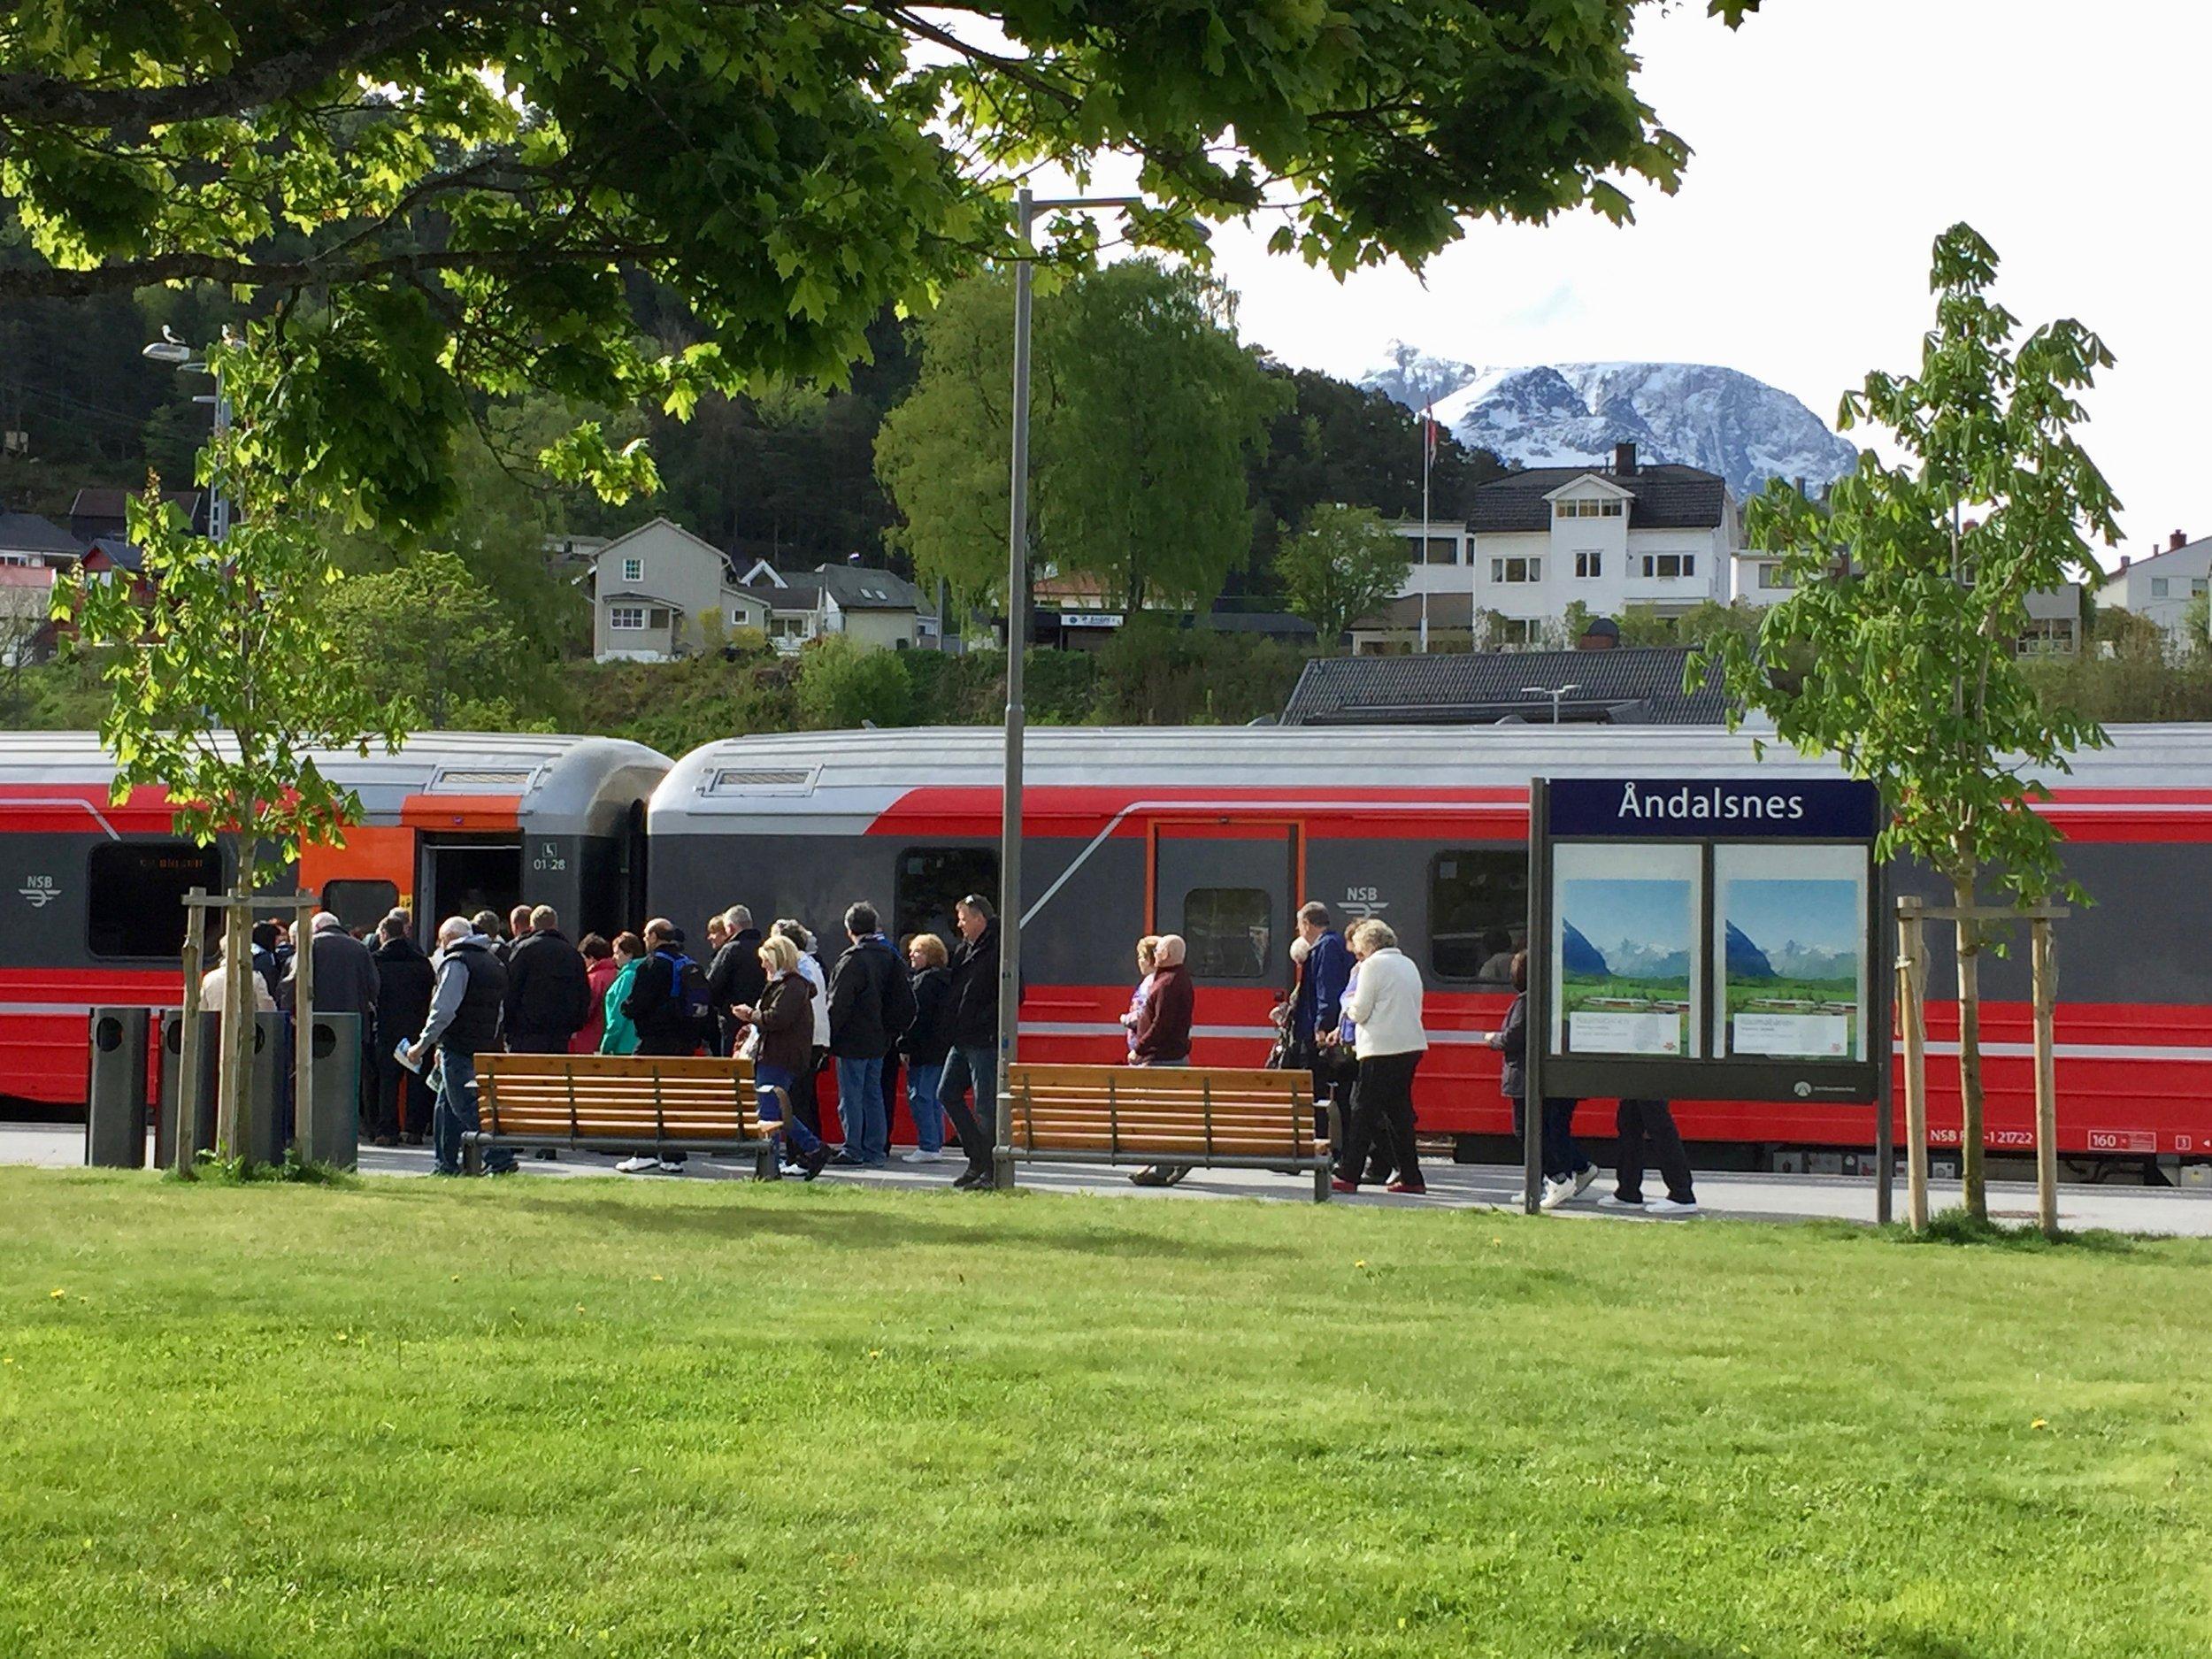 Åndalsnes bør satse på utvikling av Raumabanen i turistsammenheng. Det kan gi den verdiskapingen kommunen virkelig trenger. Foto: Odd Roar Lange